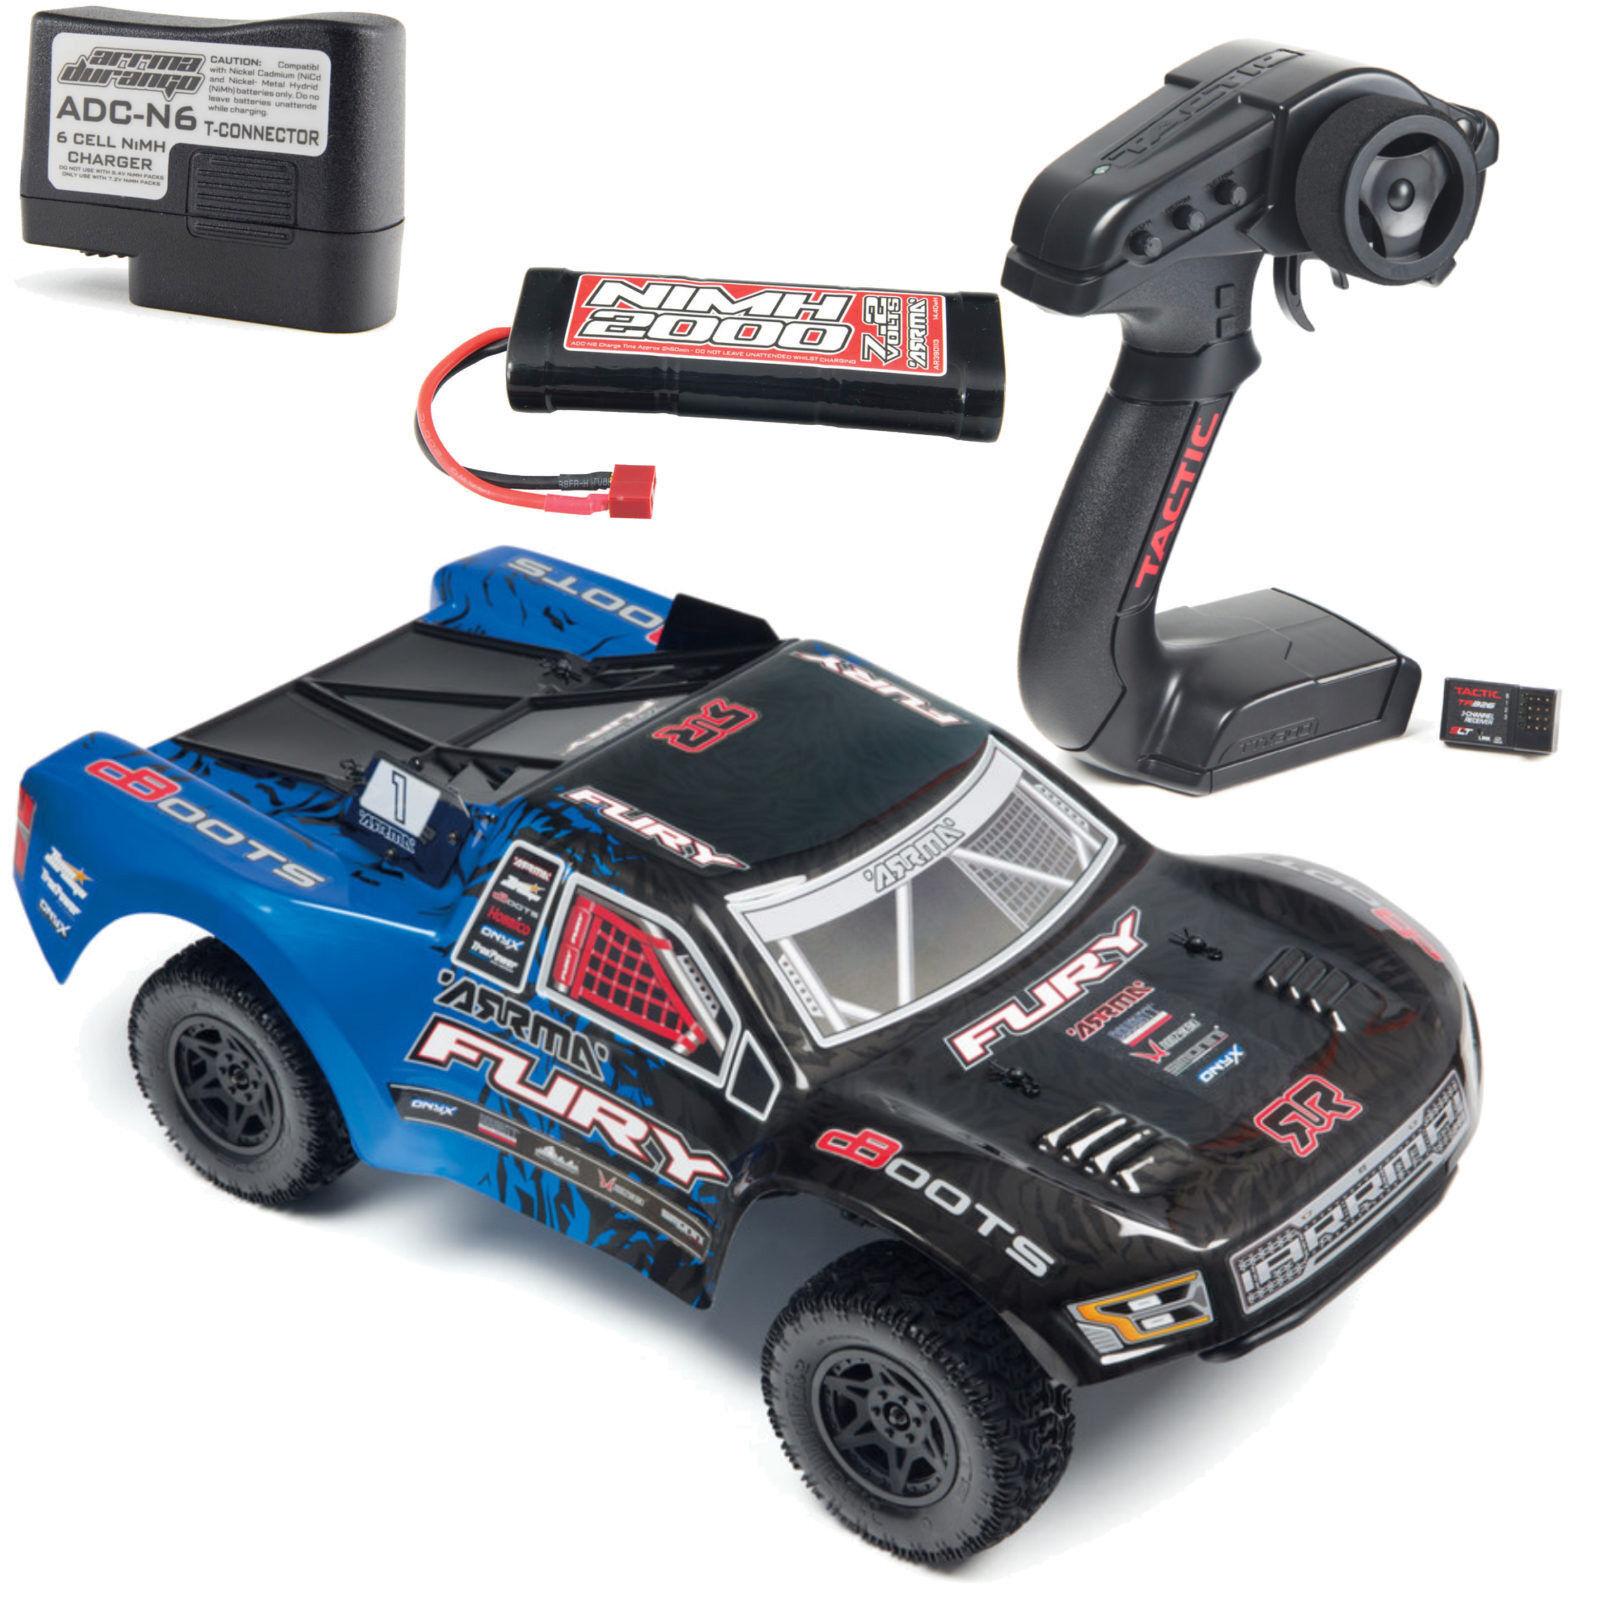 Arrma ar102651 FURY 2WD Mega 1-10 SHORT COURSE RTR BLU NERO